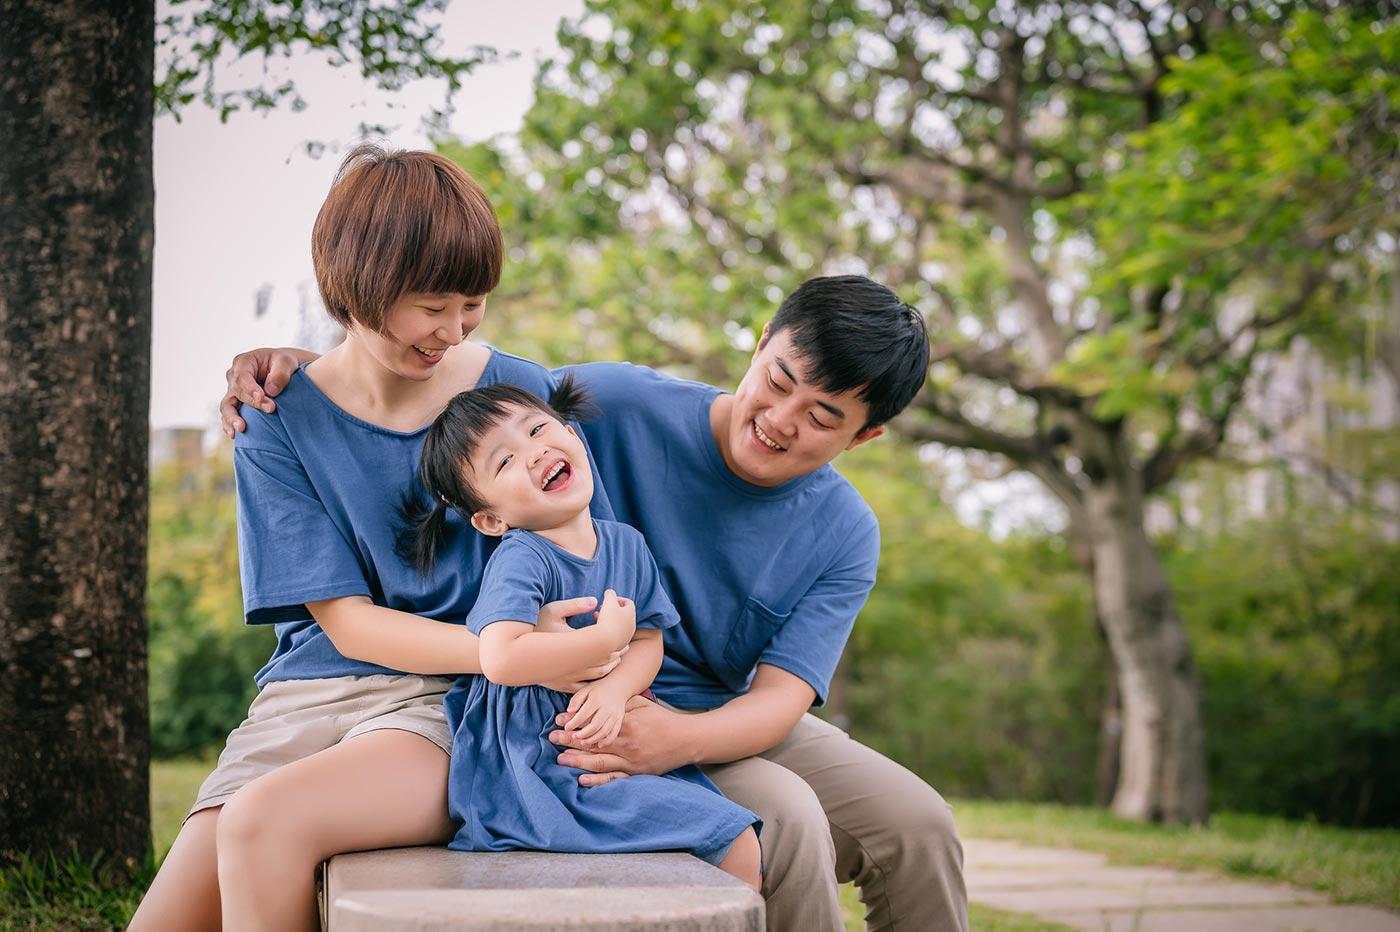 台中親子攝影,親子寫真,親子攝影,親子互動